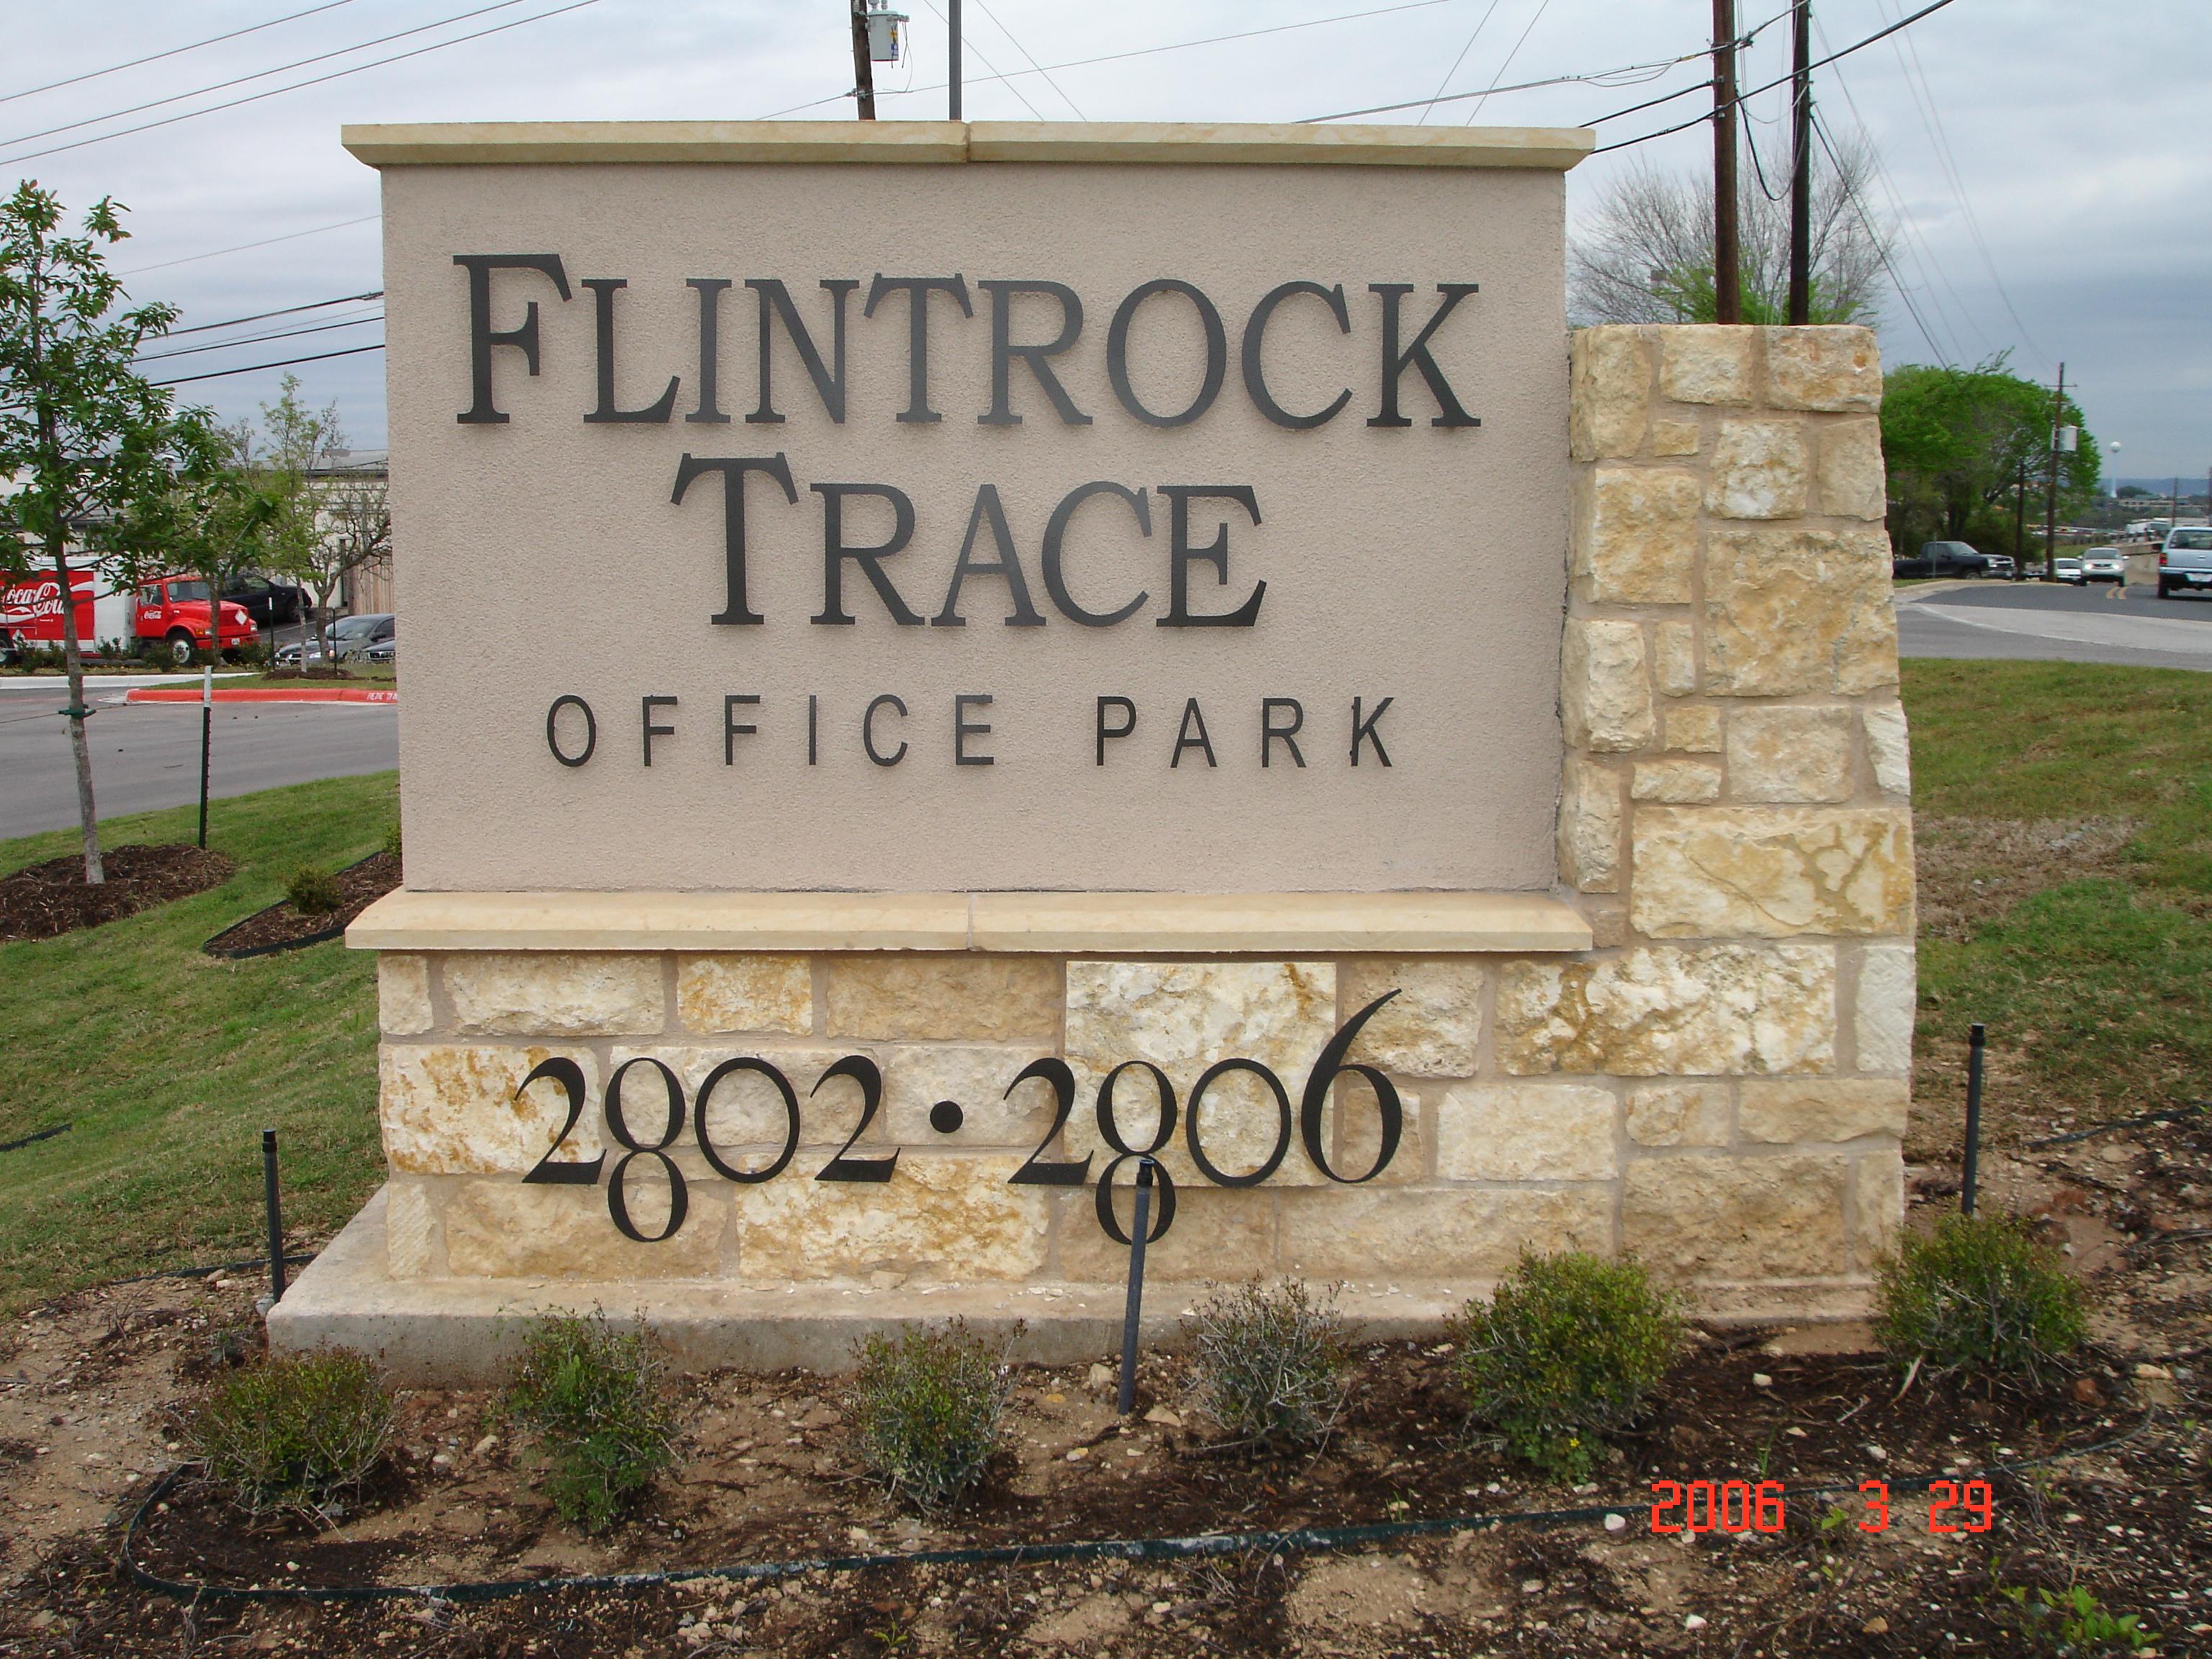 Flintrock Trace Letters